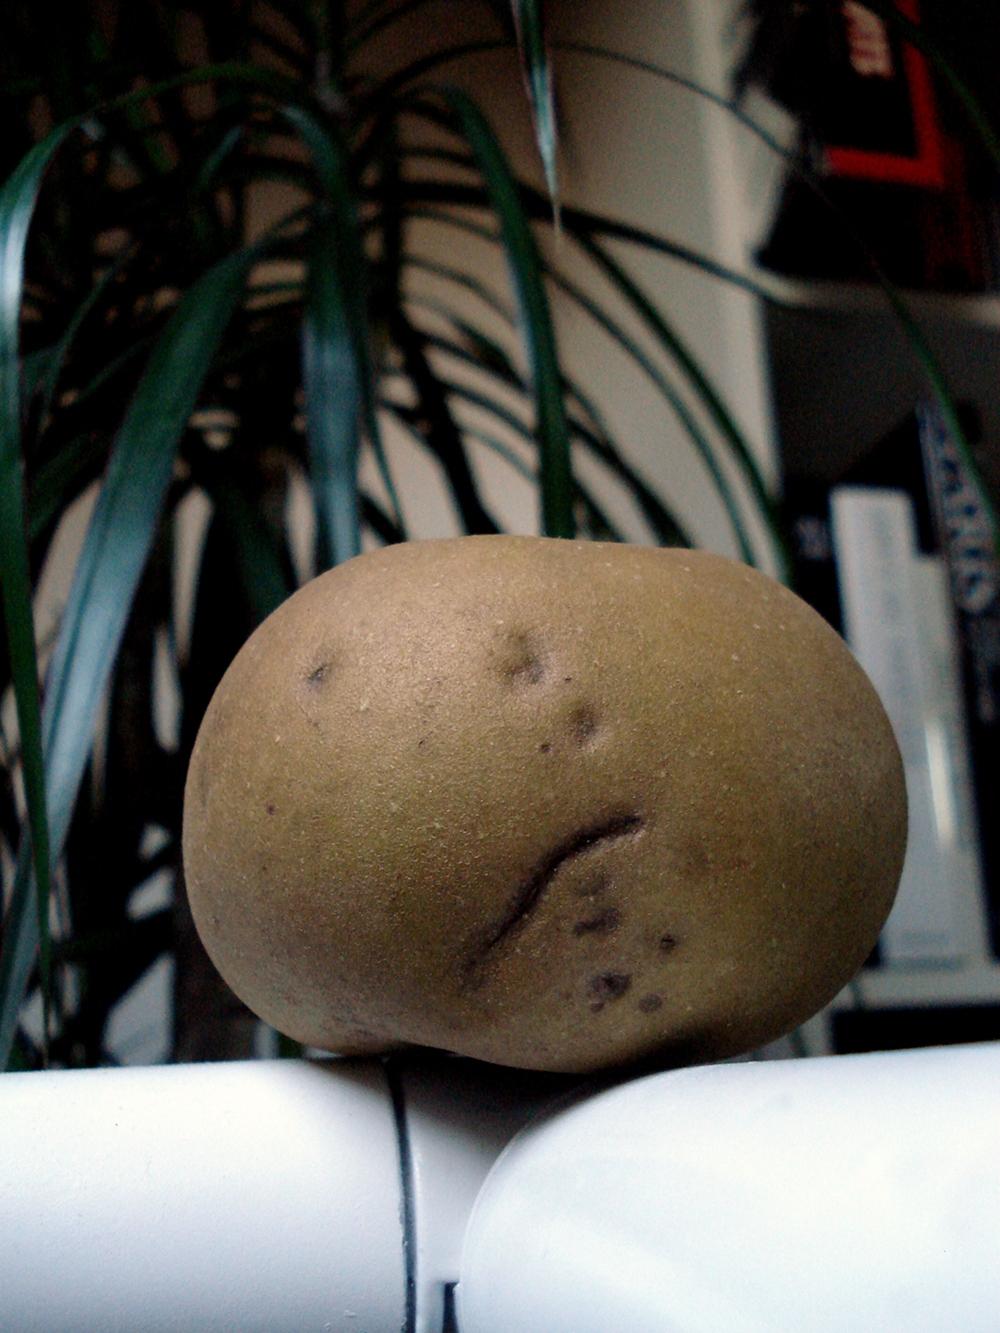 Pomme déprimée - 28 09 11